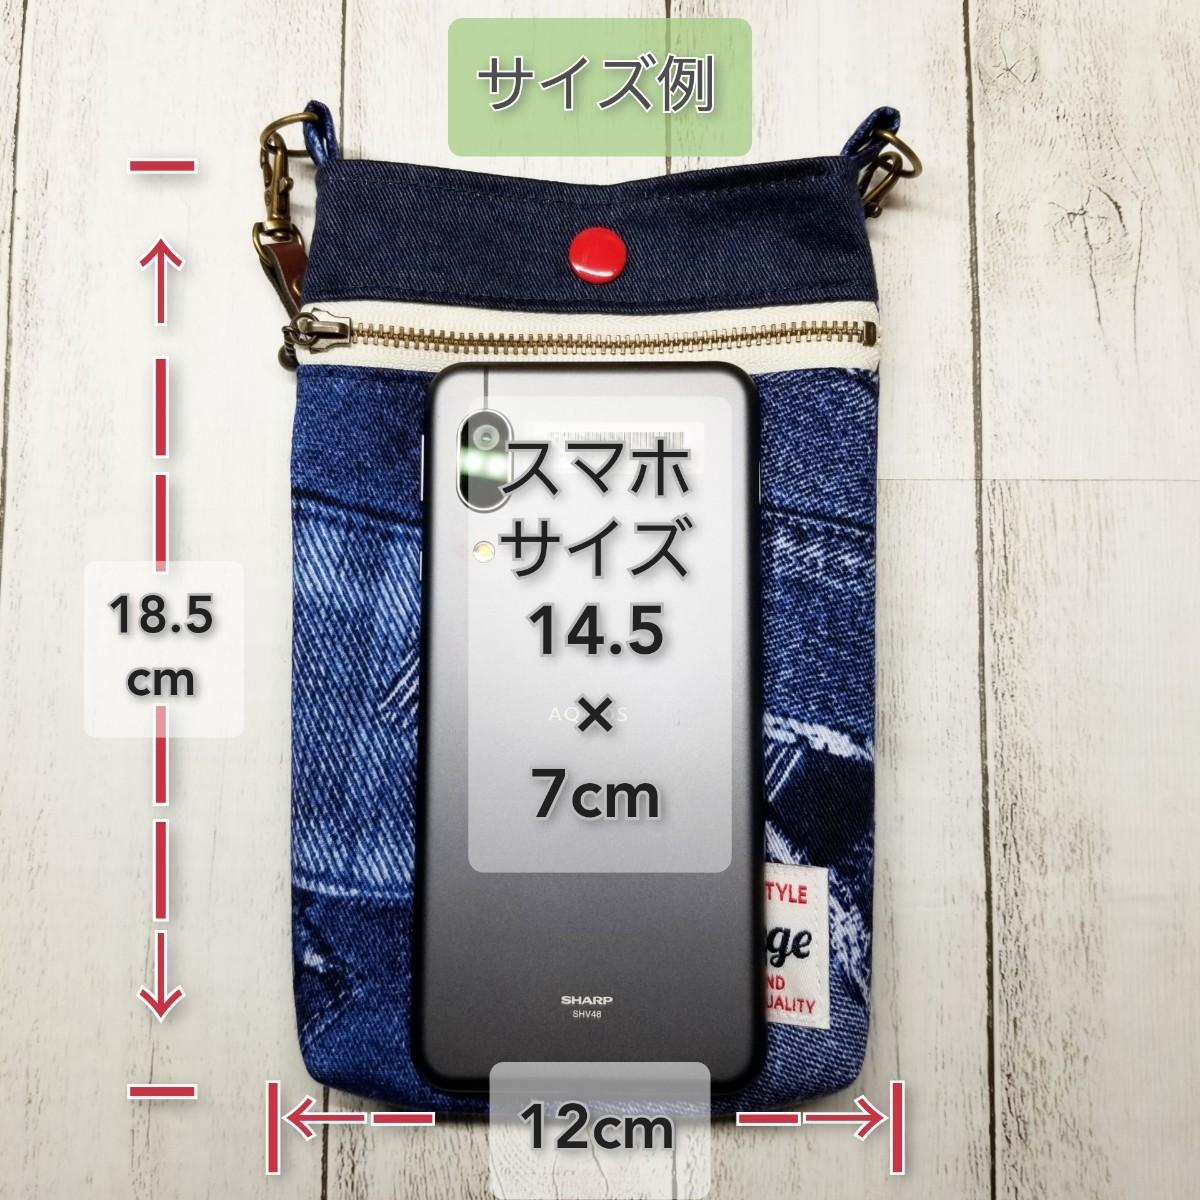 ハンドメイド スマホポーチ 携帯ポーチ 【43】